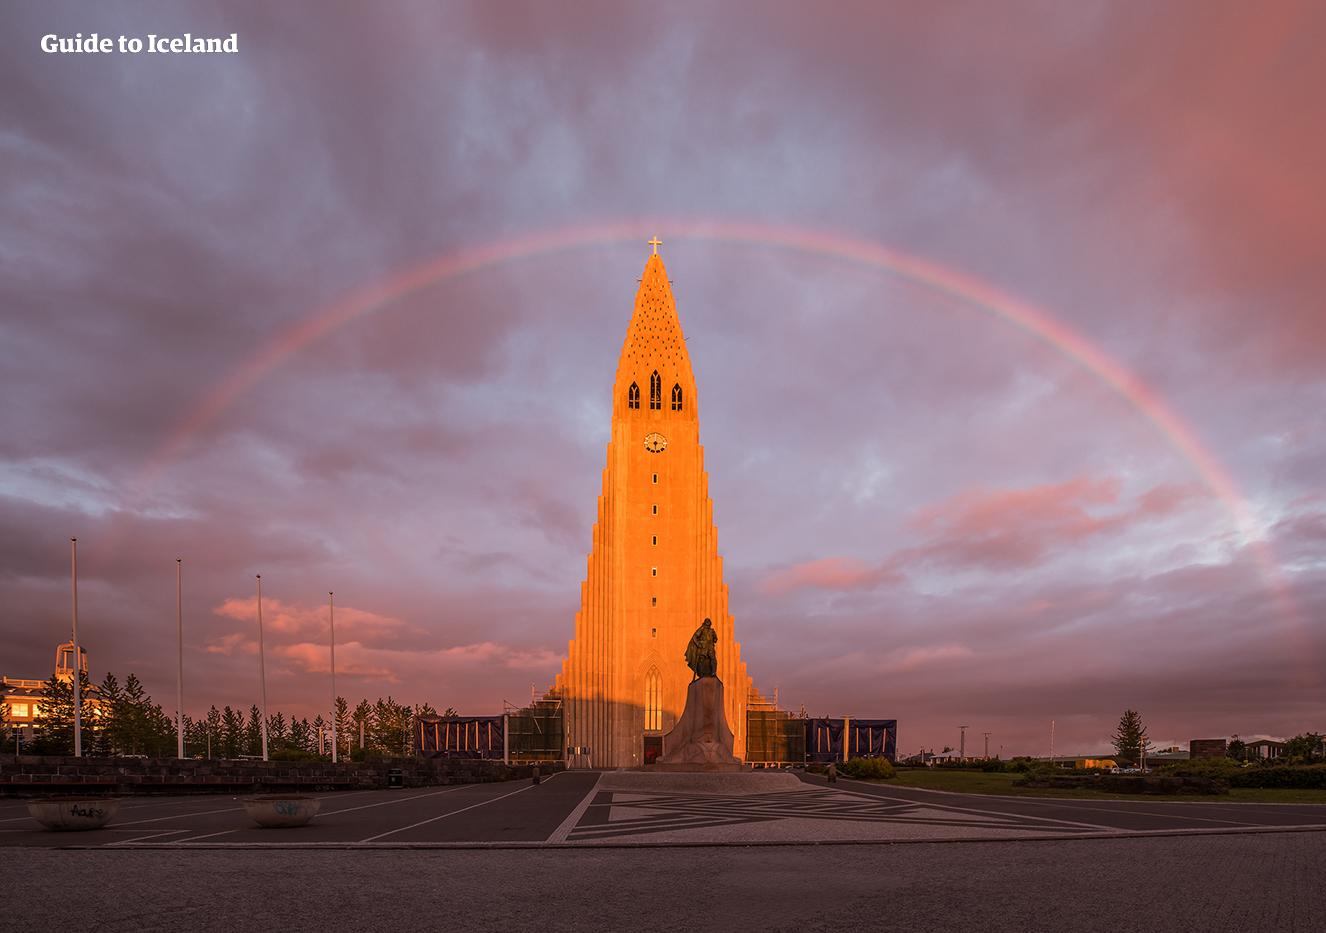 在一道彩虹下的哈尔格林姆大教堂(Hallgrimskirkja)